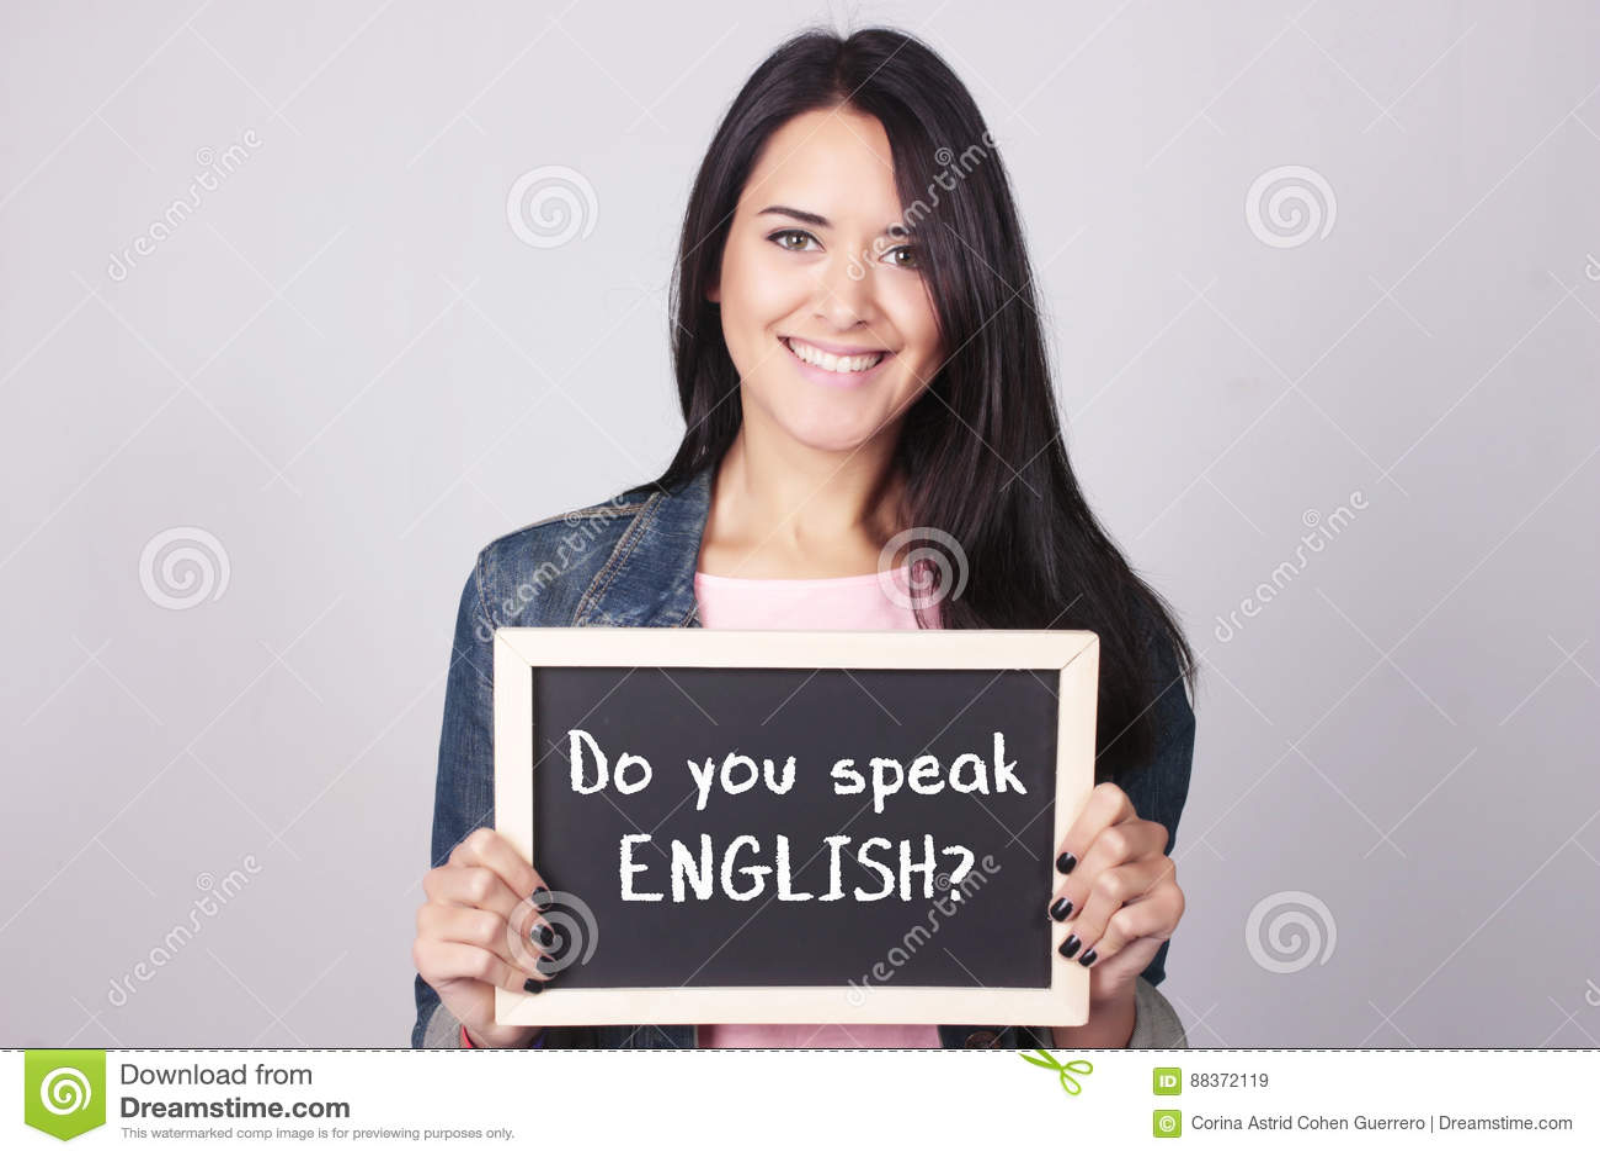 Die junge Frau, die Tafel, die sagt, sprechen Sie hält, Englisch?